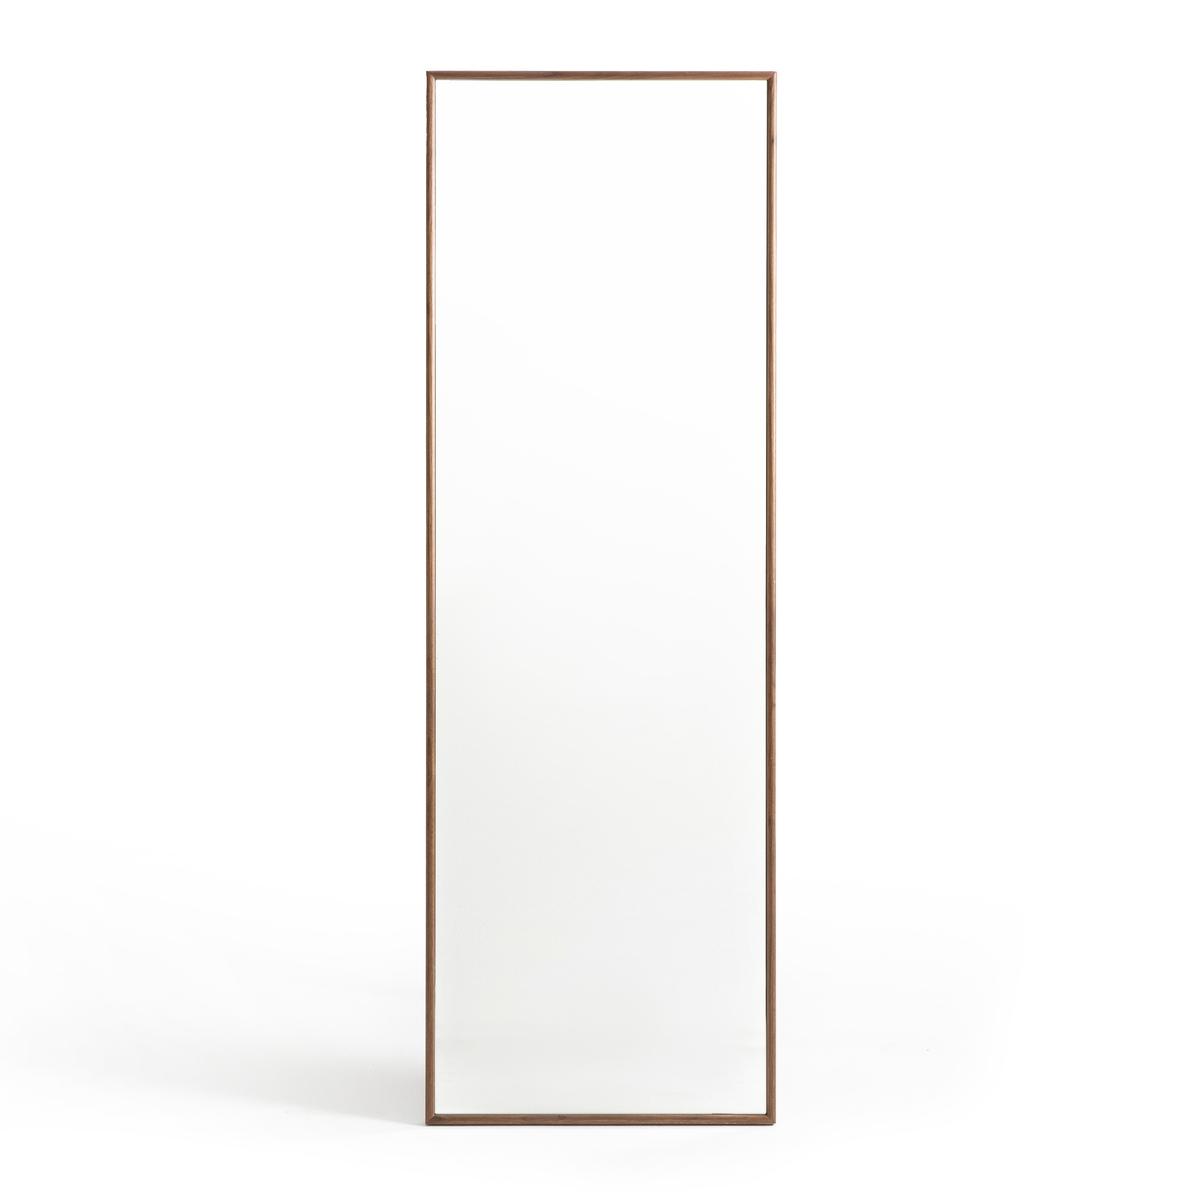 Зеркало-Психея LaRedoute С рамкой из массива орехового дерева Zindlo единый размер каштановый